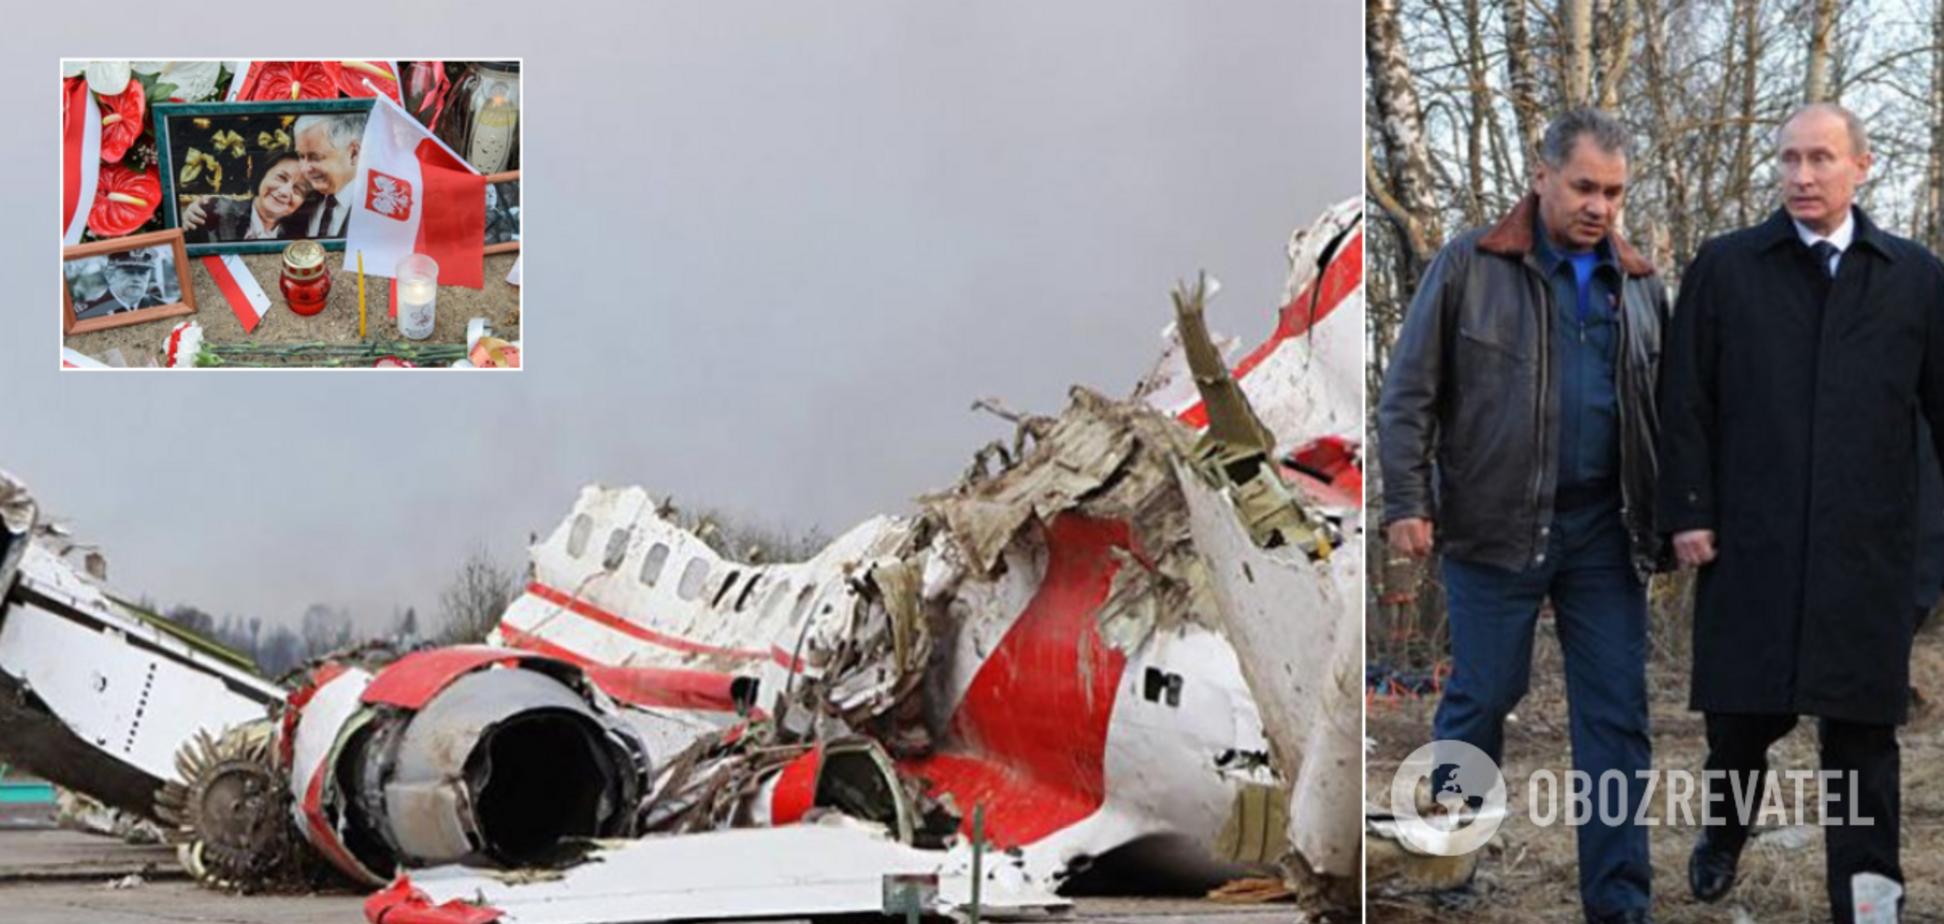 Смоленська катастрофа трапилася 10 років тому: як все було і хто занапастив польську еліту